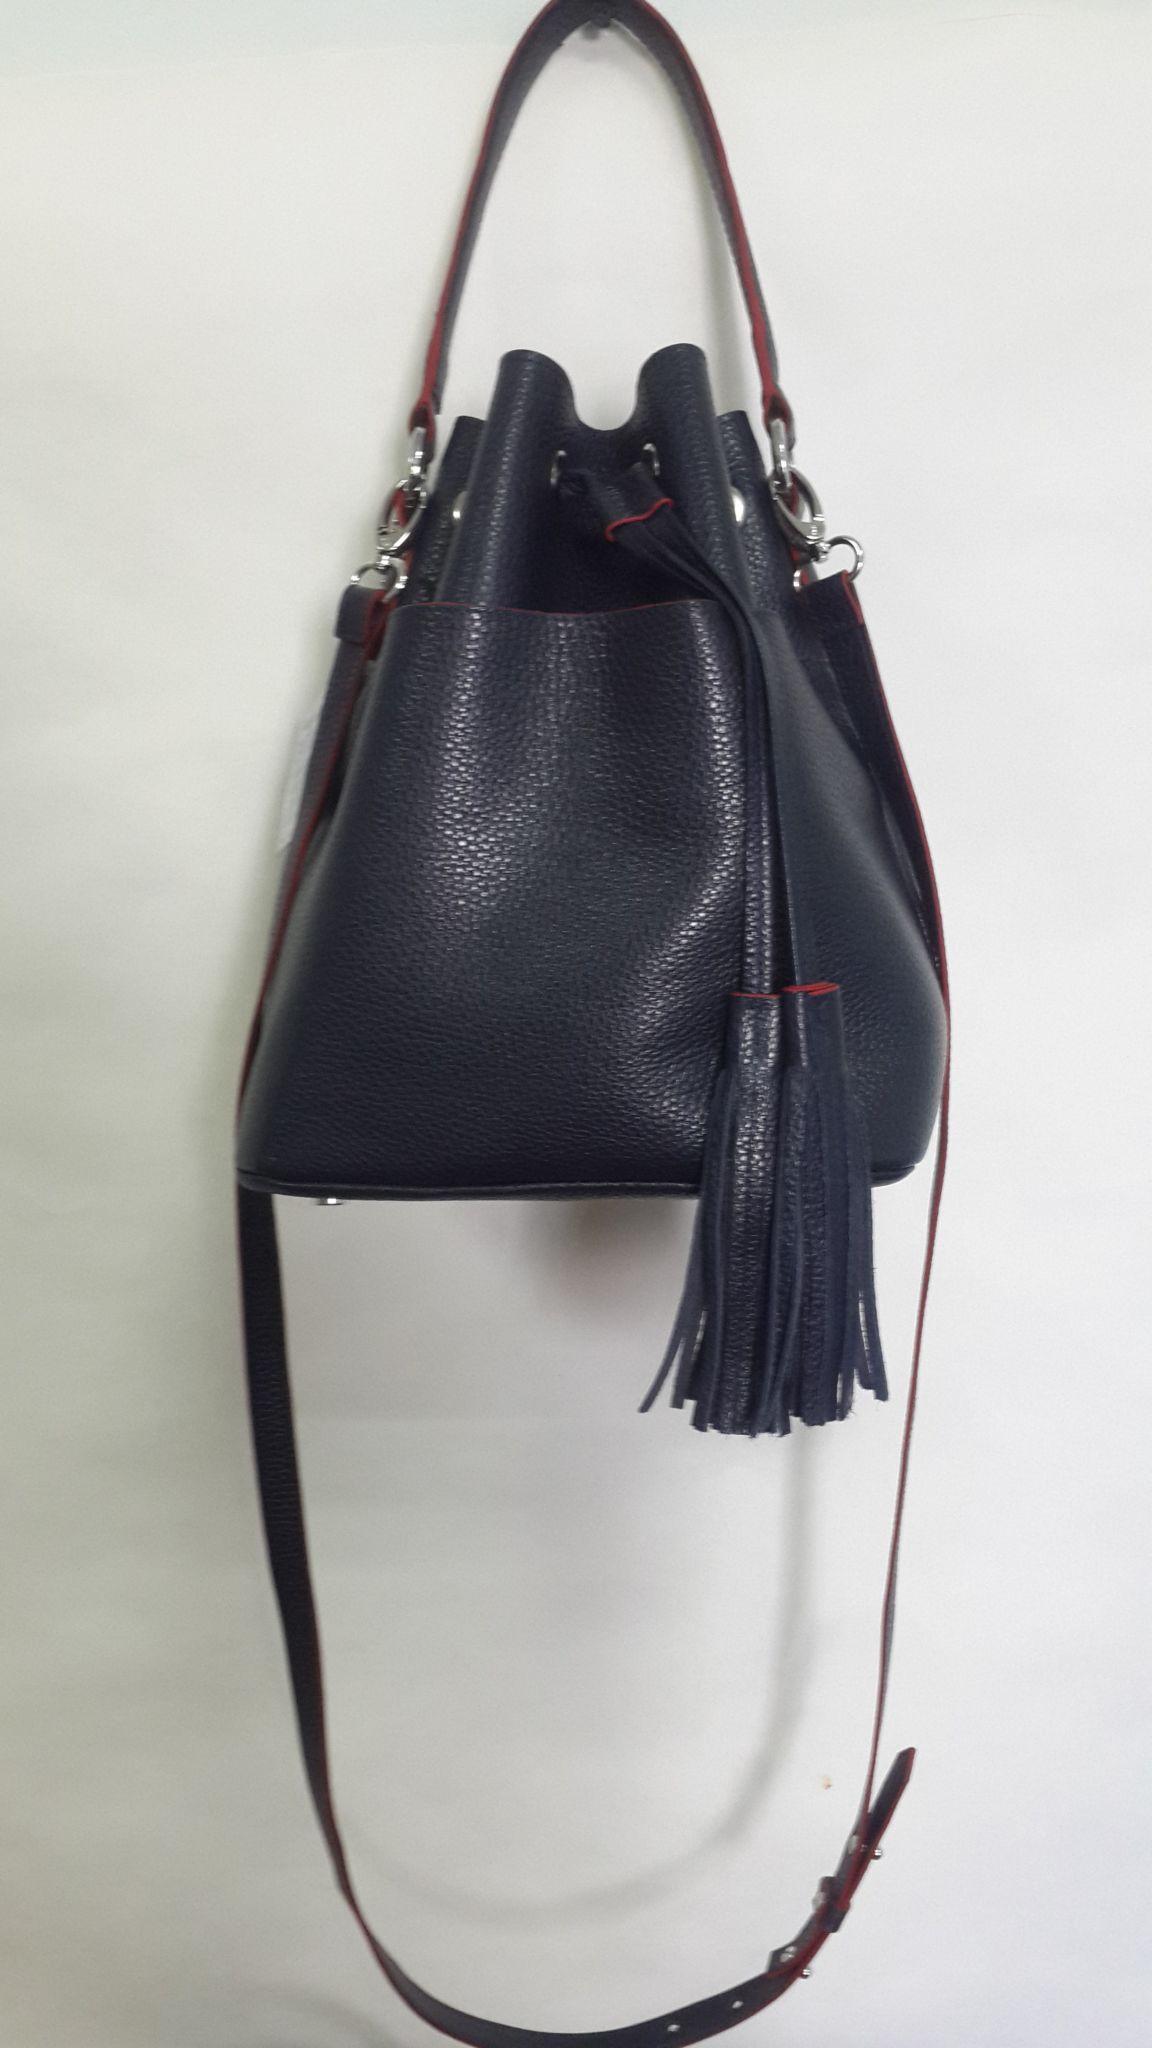 модные сумки весна лето 2019: мешок черная кожаная